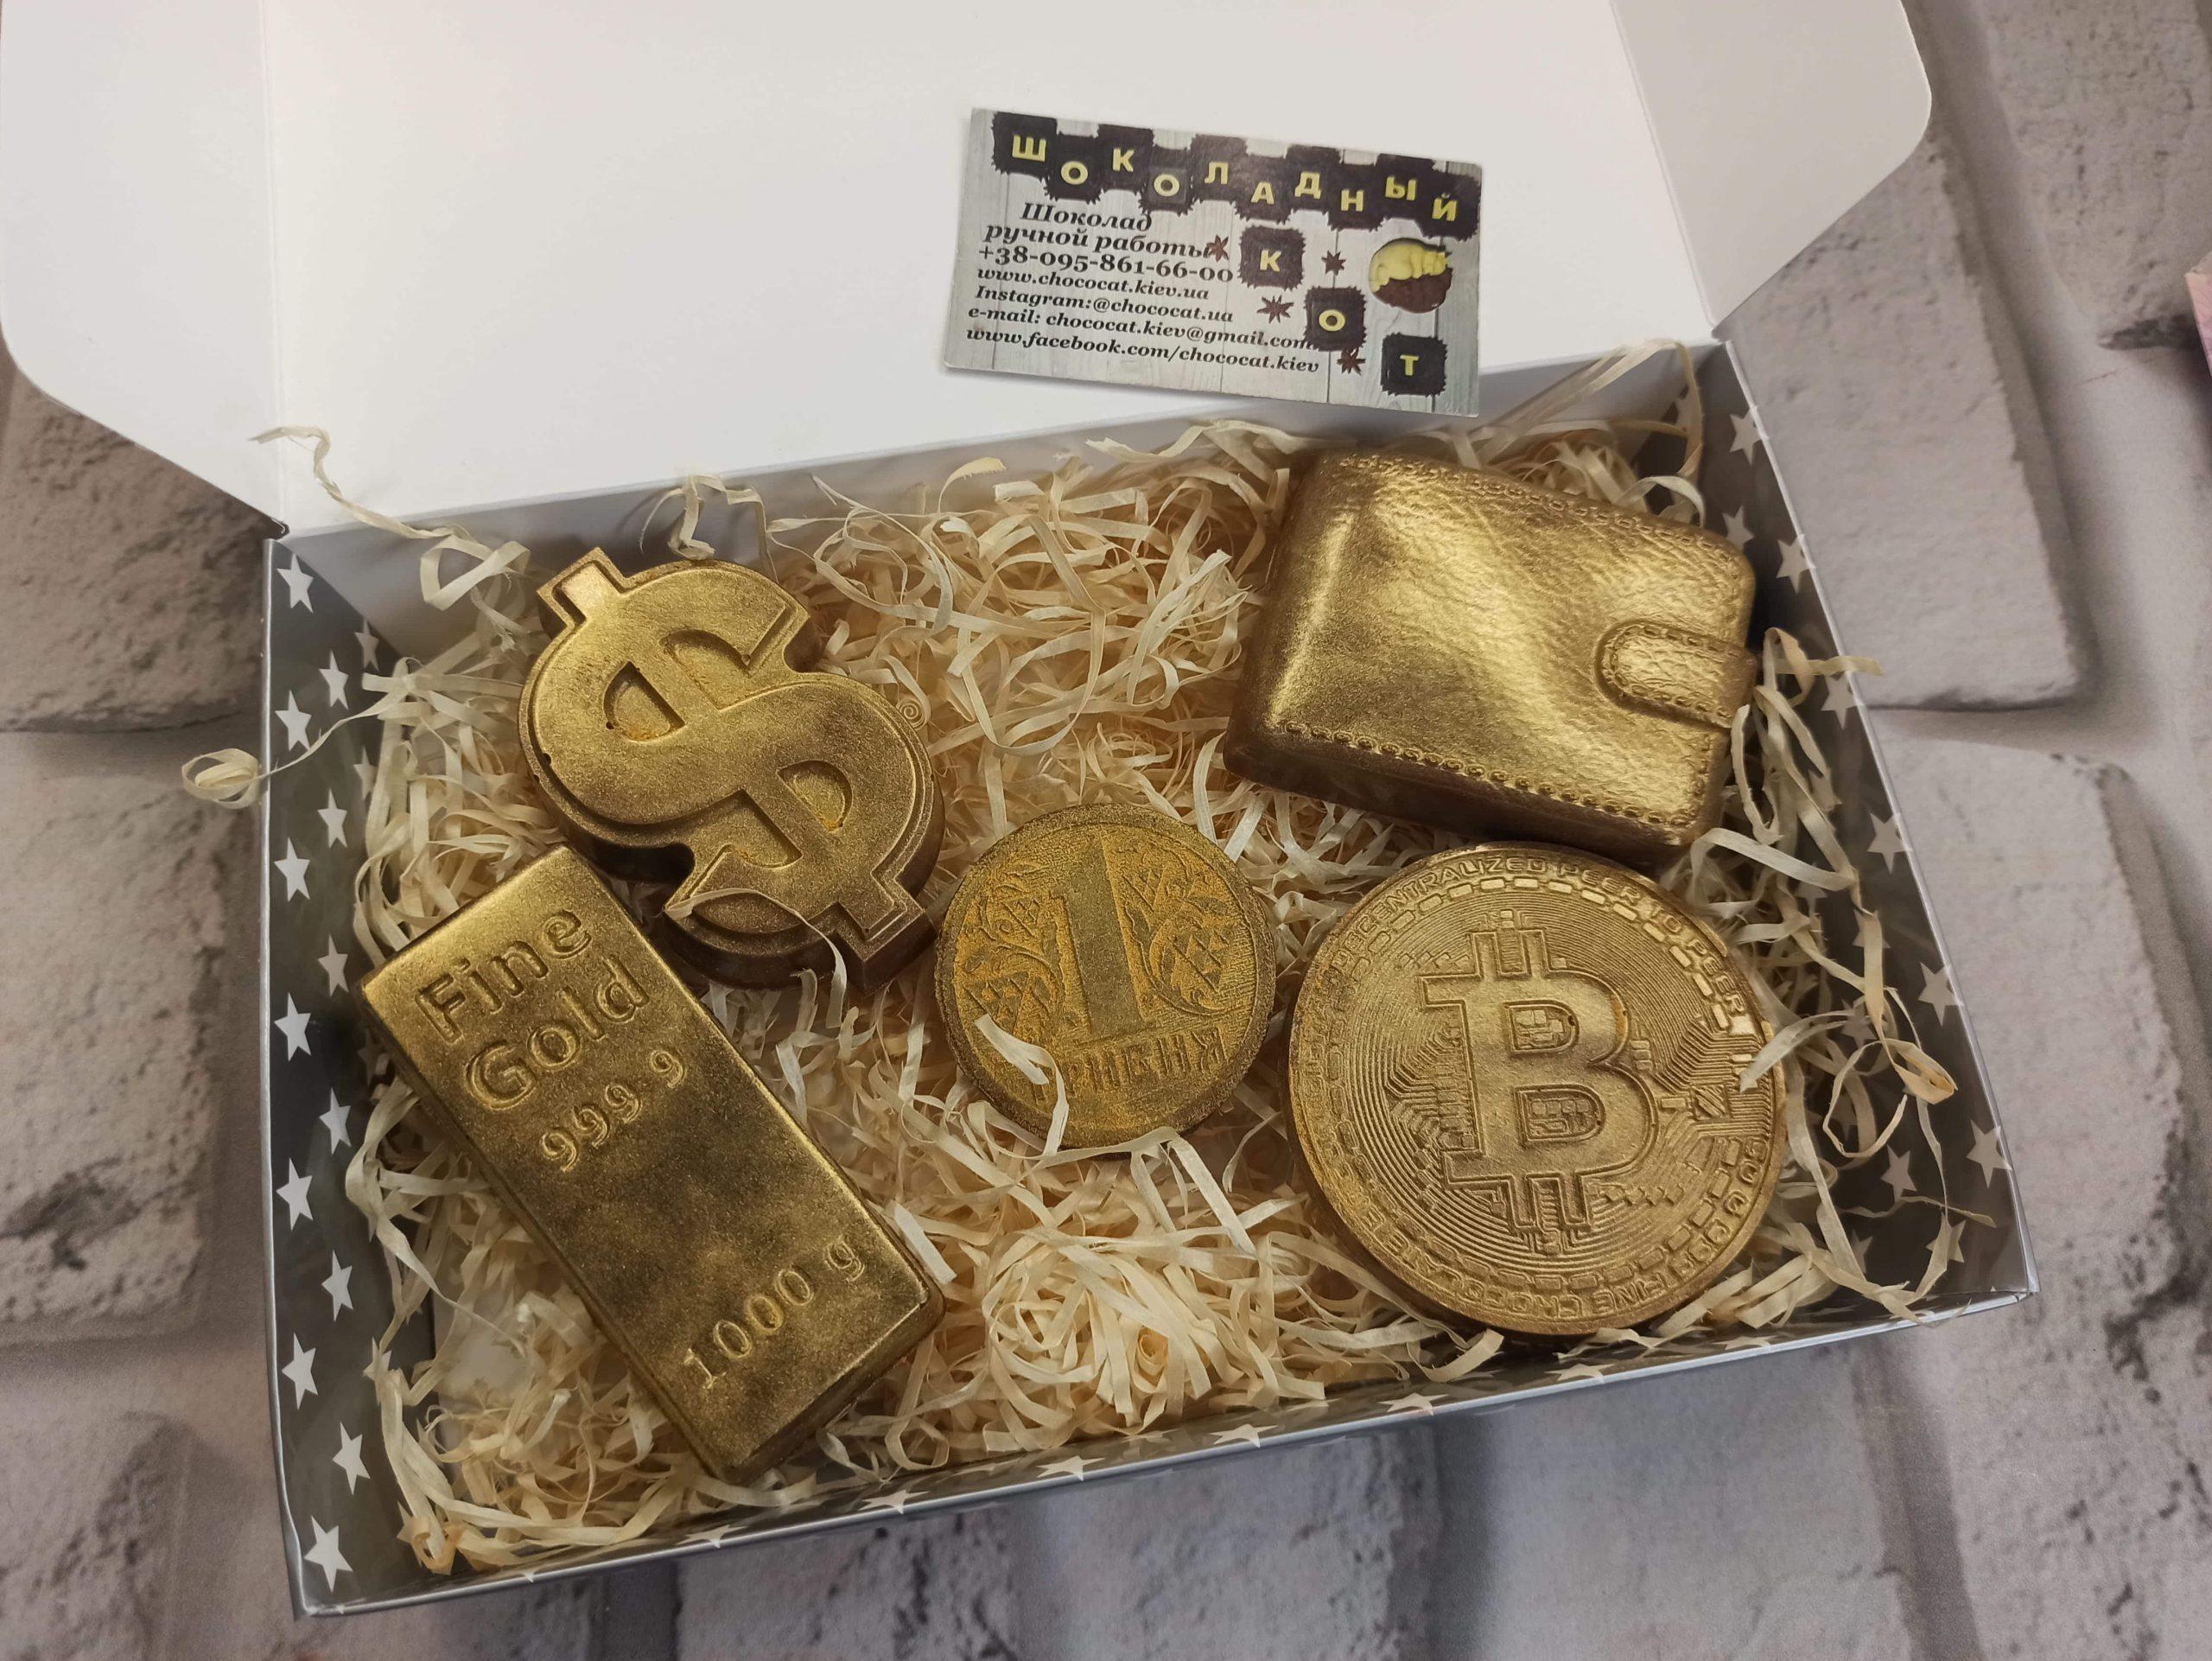 Шоколадный кошелек, доллар, биткоин